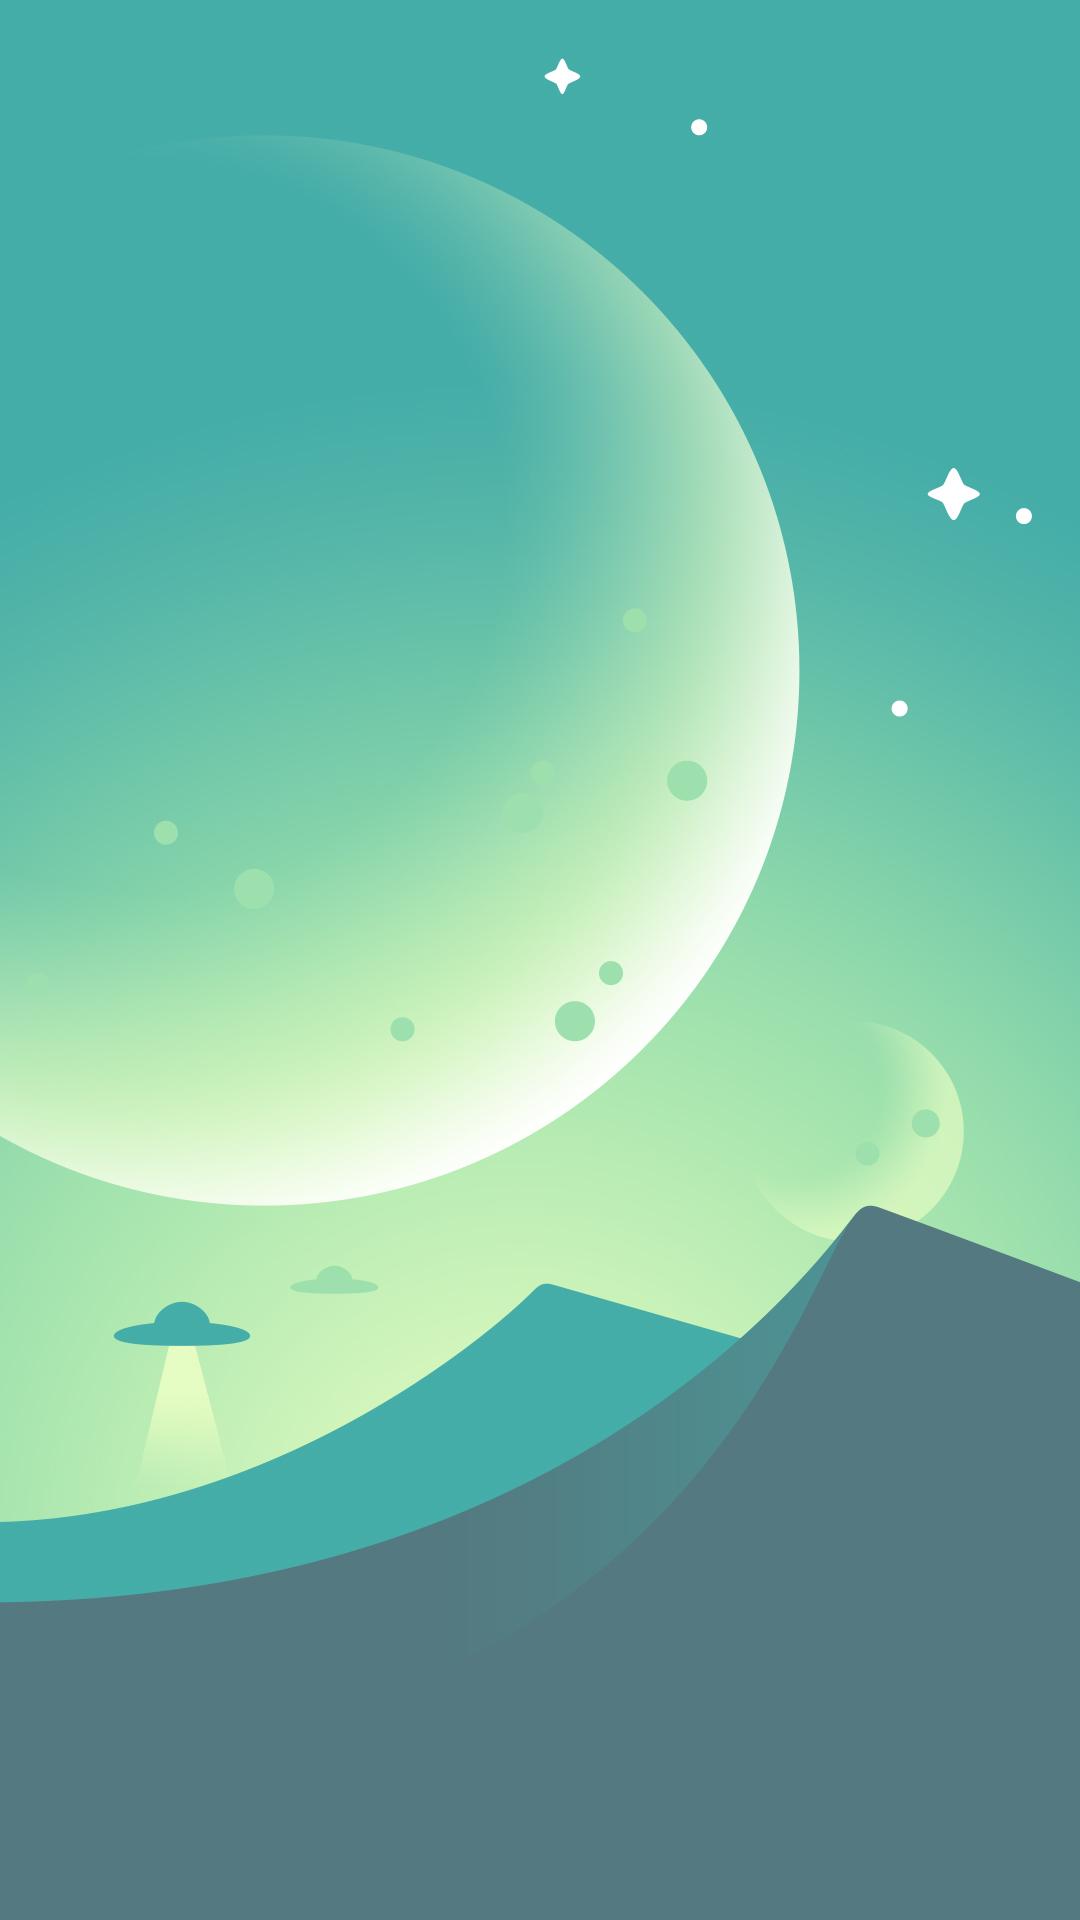 デスクトップ壁紙 1080x1920 Px デジタルアート 山々 自然 惑星